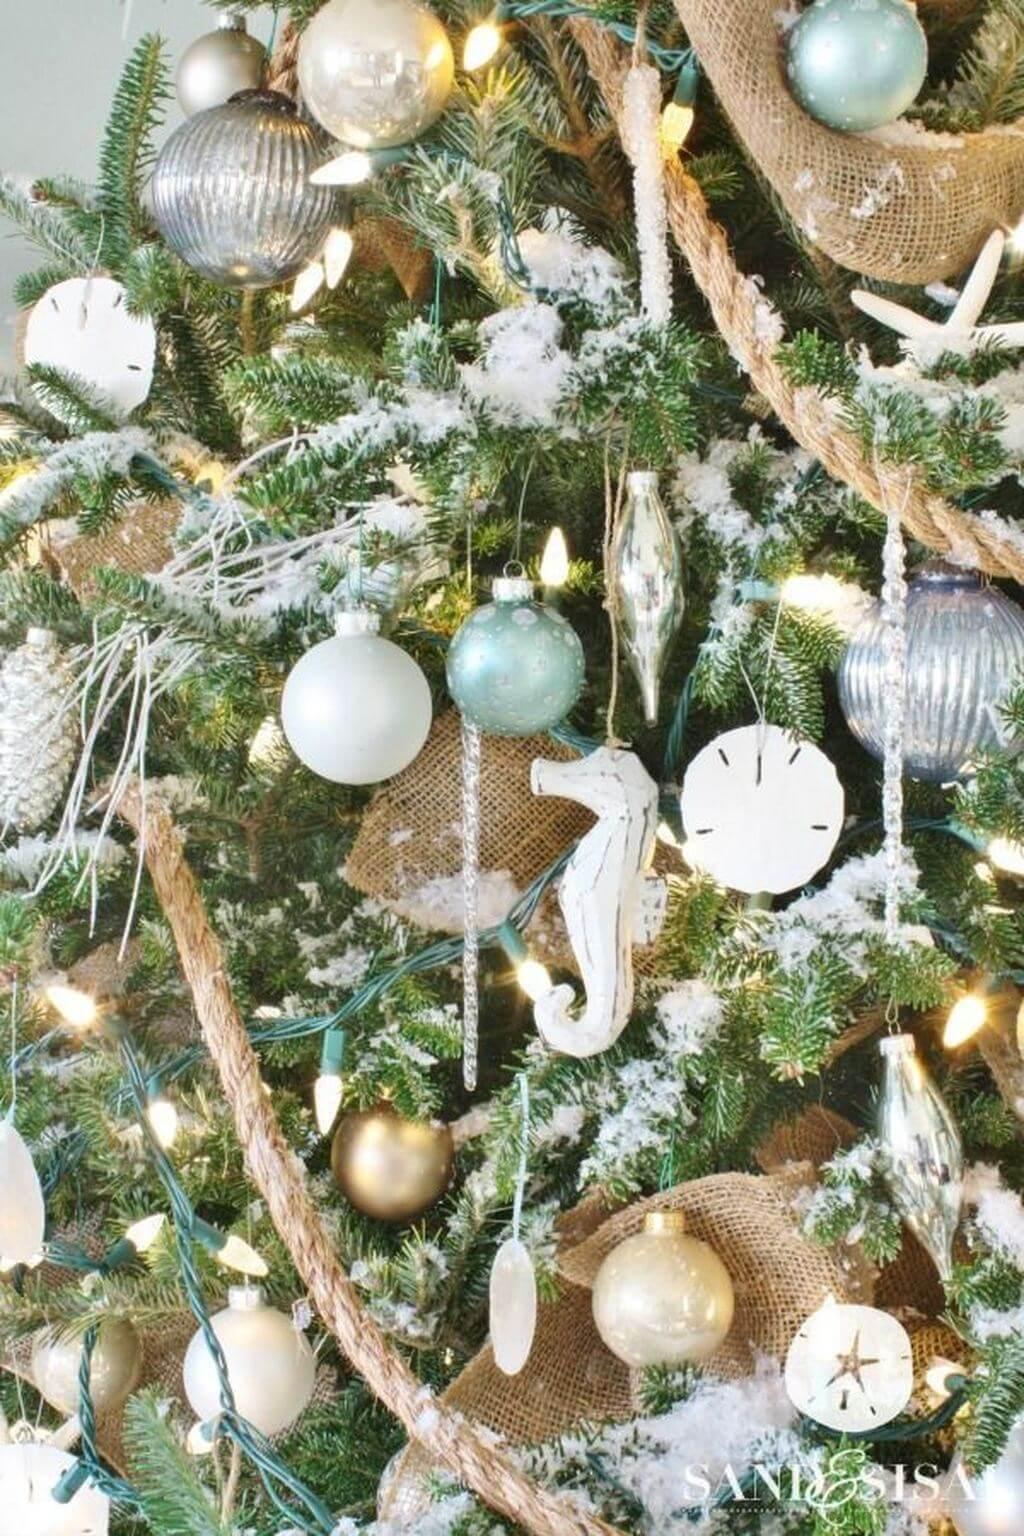 tendance déco pour Noel aquatique - Les 8 tendances déco Noël annoncées pour 2020